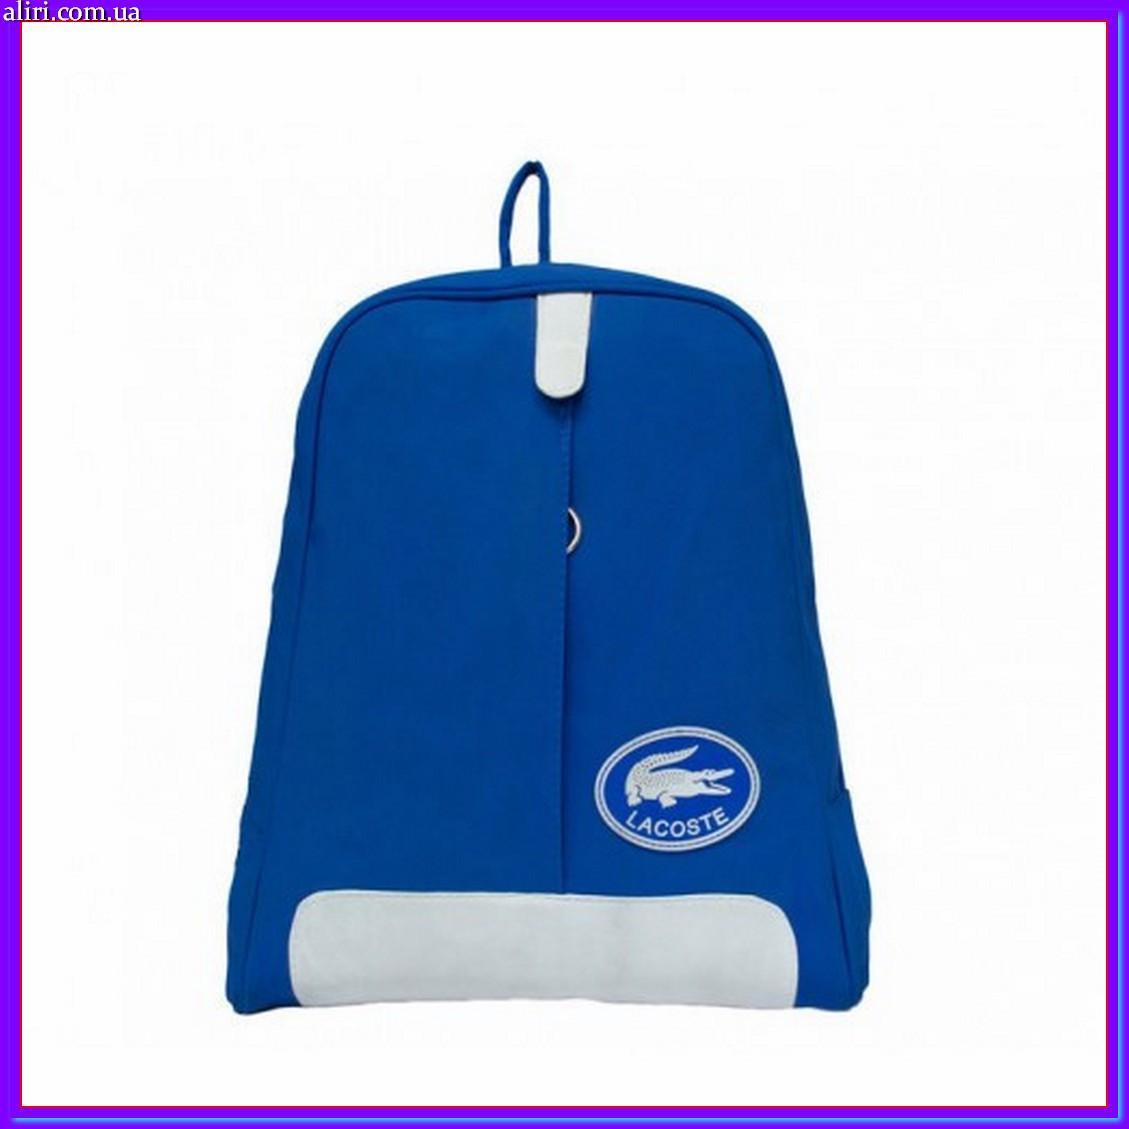 Дорожная сумка рюкзак City backpack Lacoste размер 27х35х18